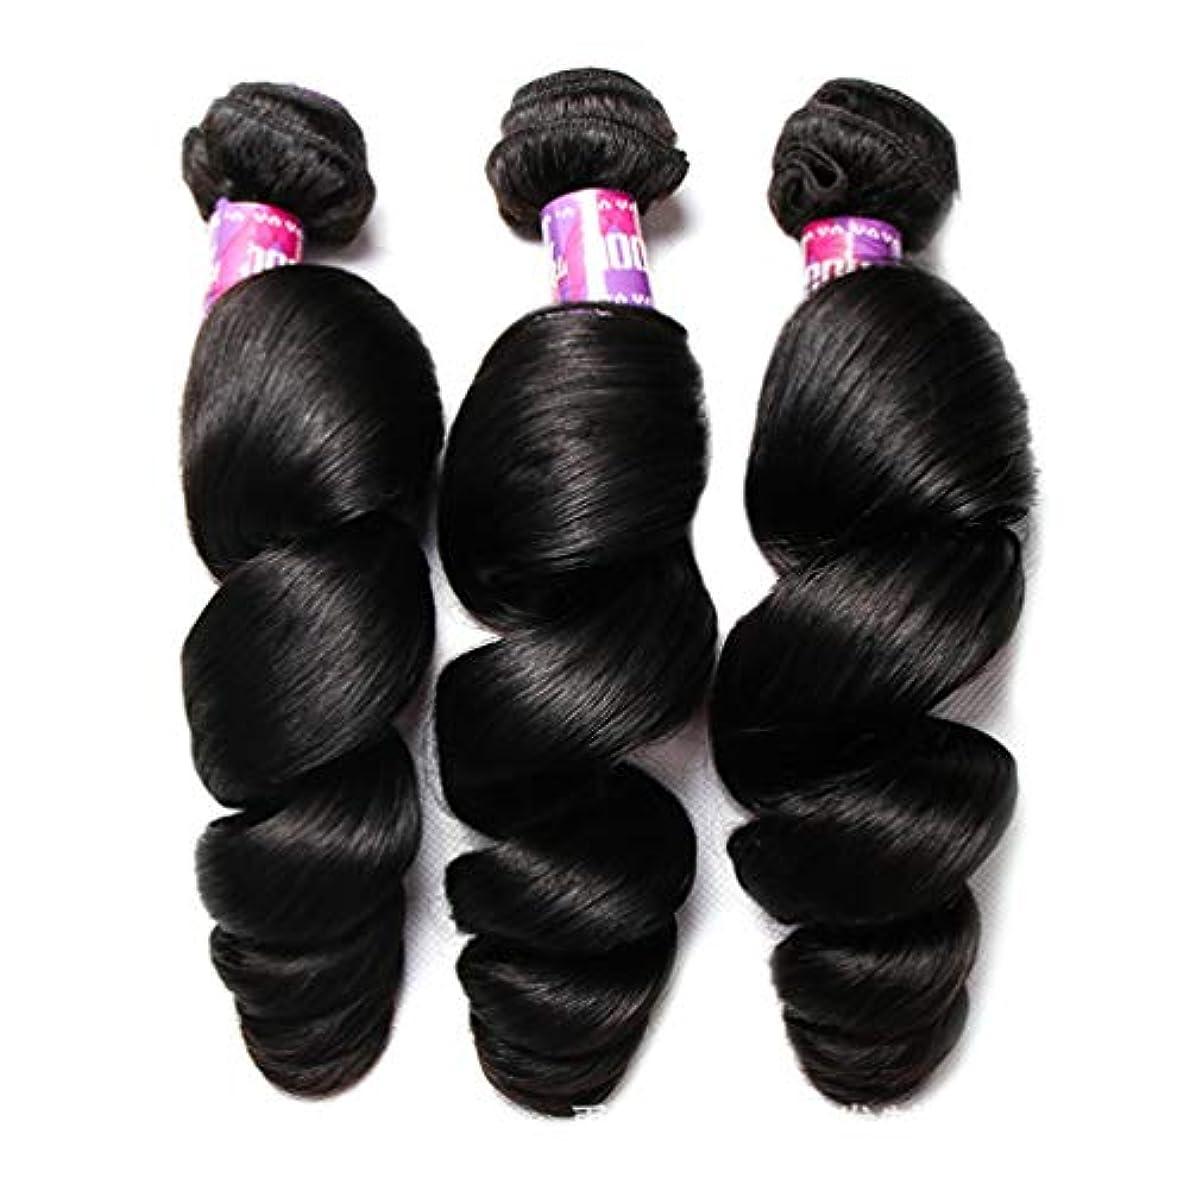 の量置換とんでもないブラジルのボディウェーブの毛100%Remyの人間の毛髪の織り方延長未処理のバージンのブラジルの毛(3束)